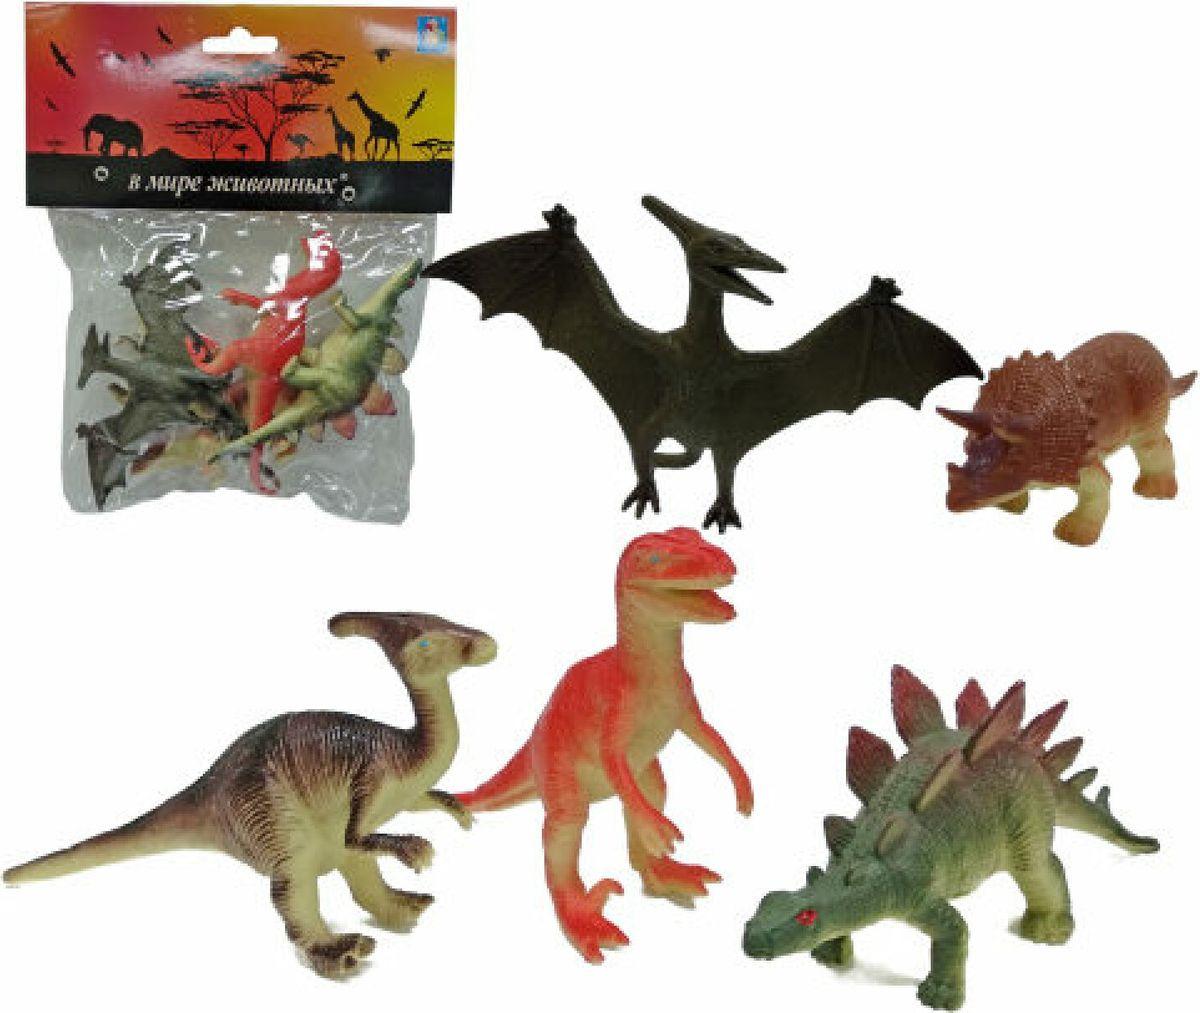 Игровой набор 1TOY В мире животных Динозавры, Т53861, 21 см, 5 шт игровые наборы 1toy игровой набор красотка с феном расческа зеркало заколки аксессуары